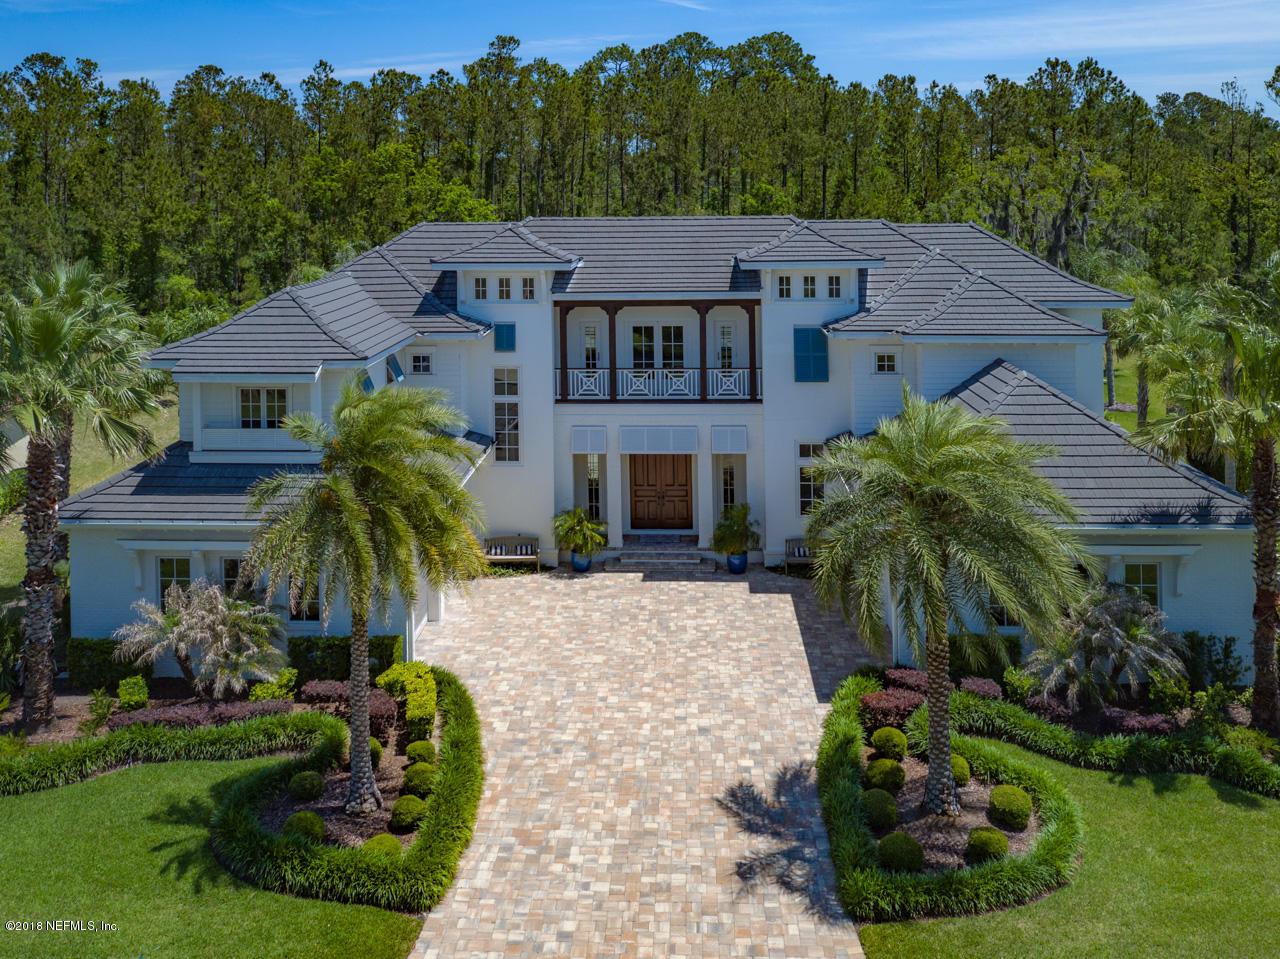 129 MUIRFIELD, PONTE VEDRA BEACH, FLORIDA 32082, 5 Bedrooms Bedrooms, ,4 BathroomsBathrooms,Residential - single family,For sale,MUIRFIELD,976686